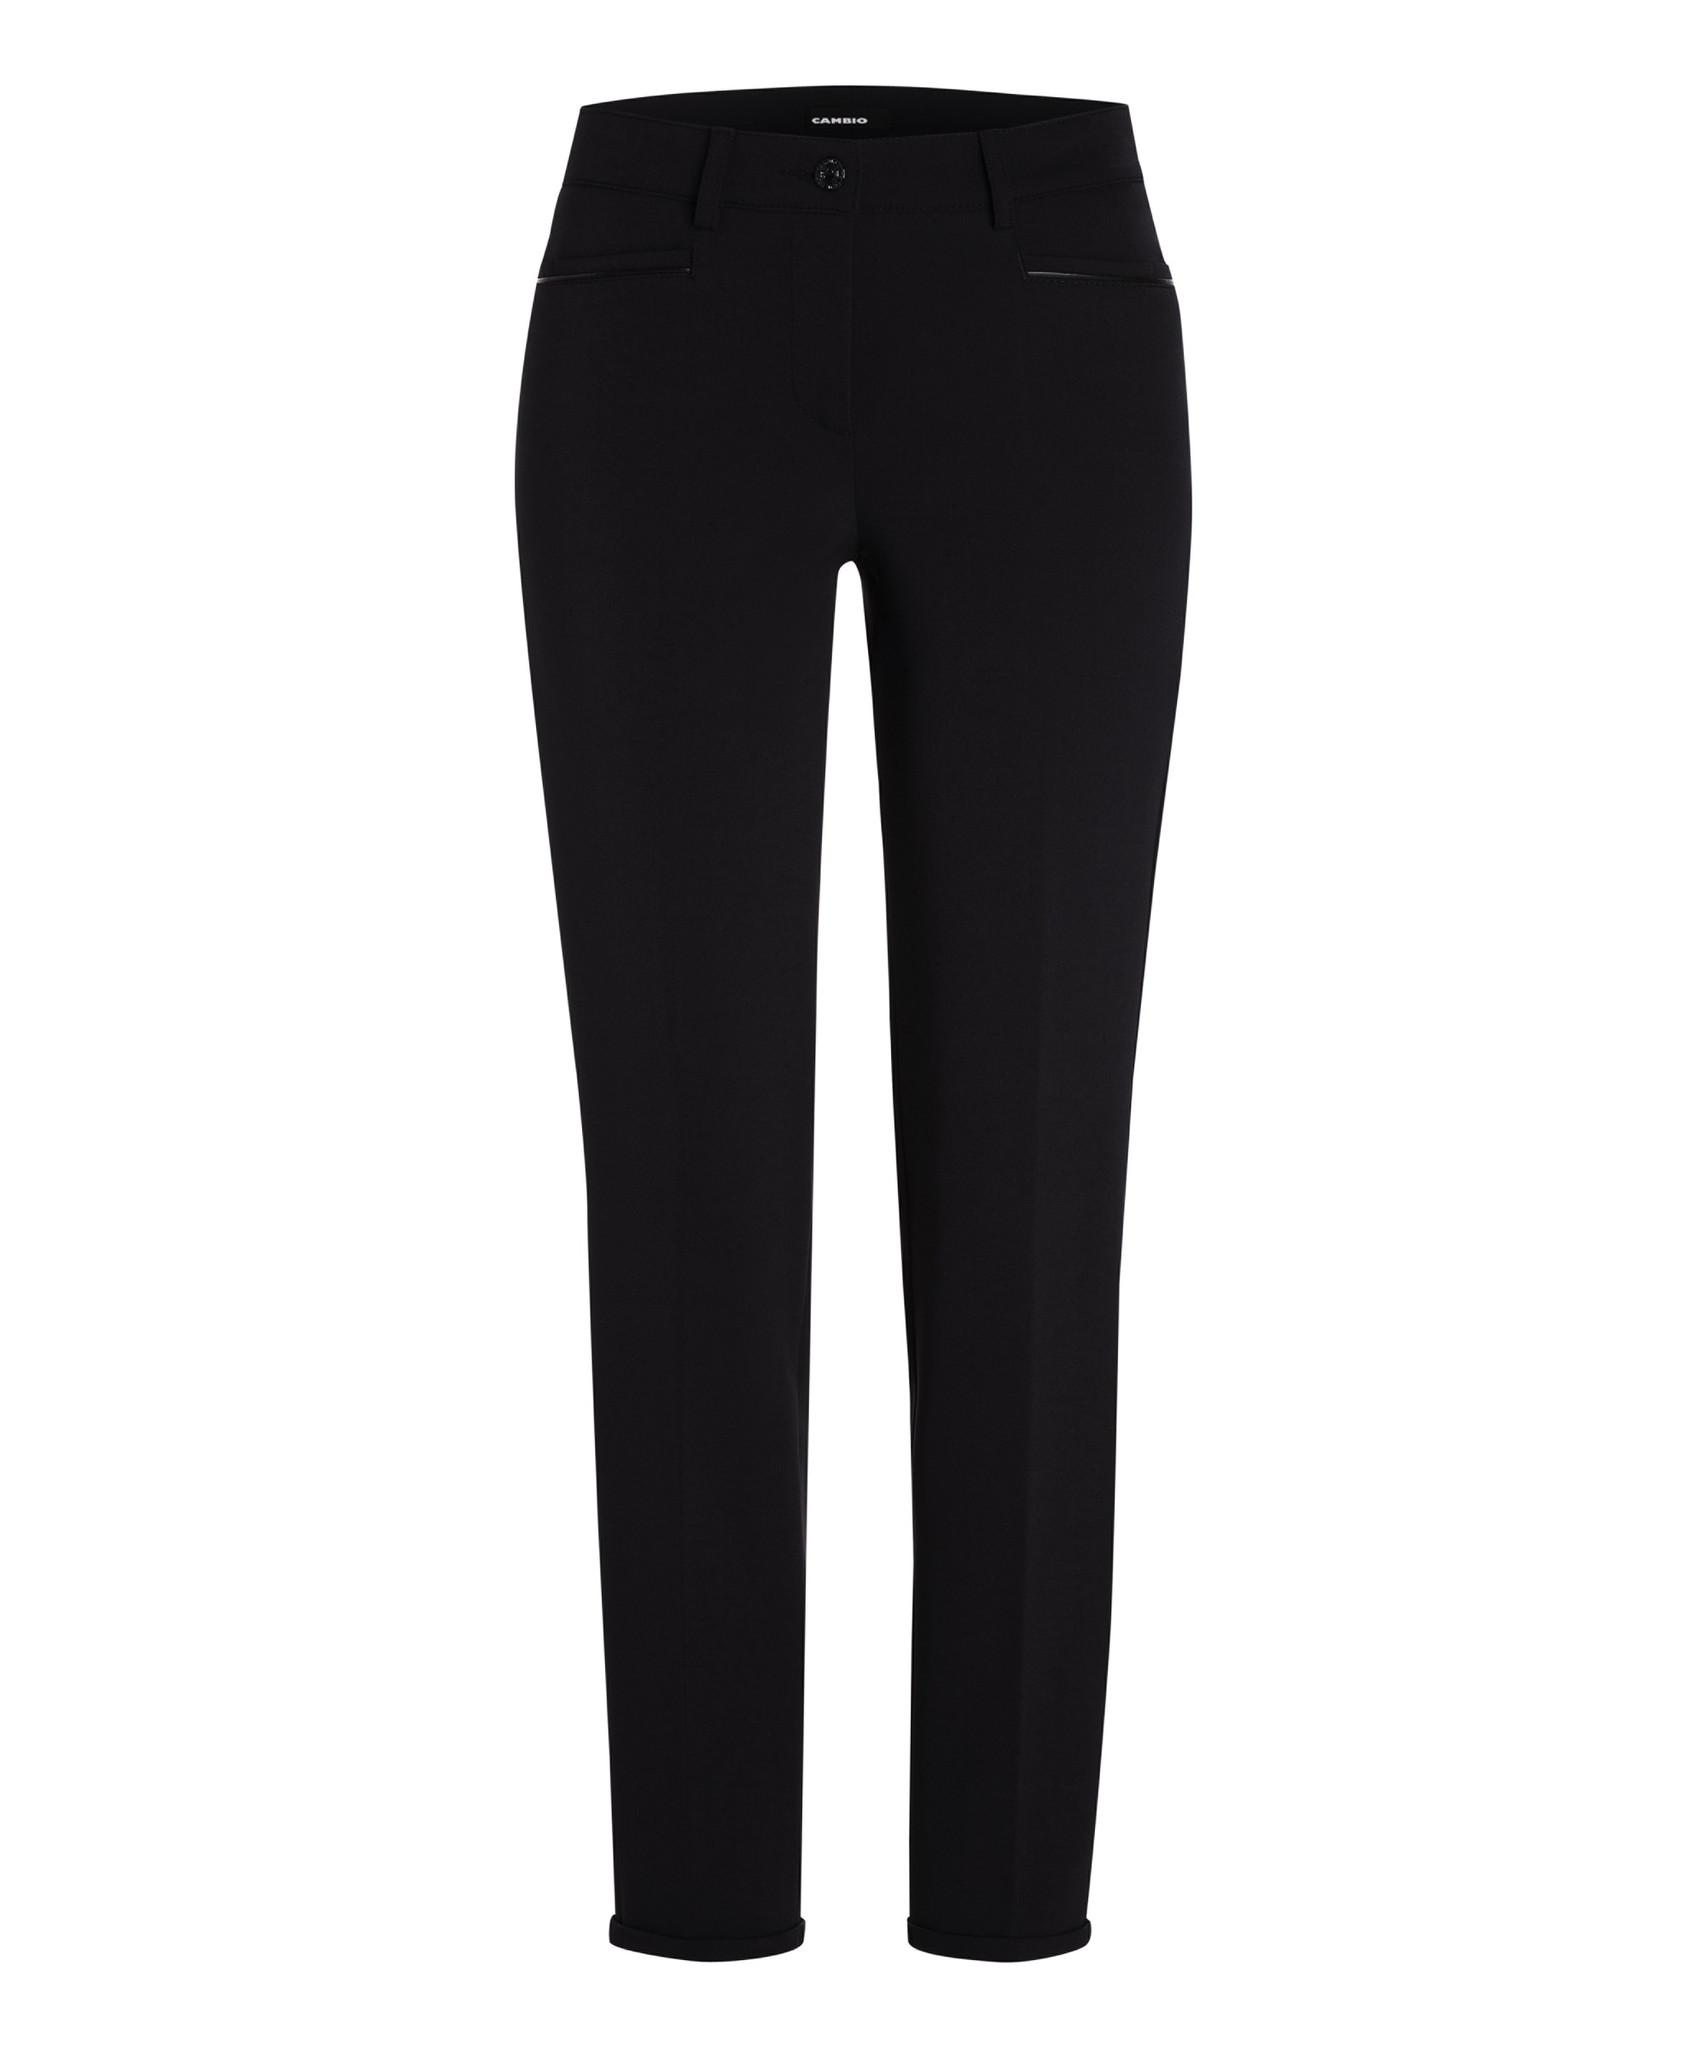 Cambio trousers RENIRA-1